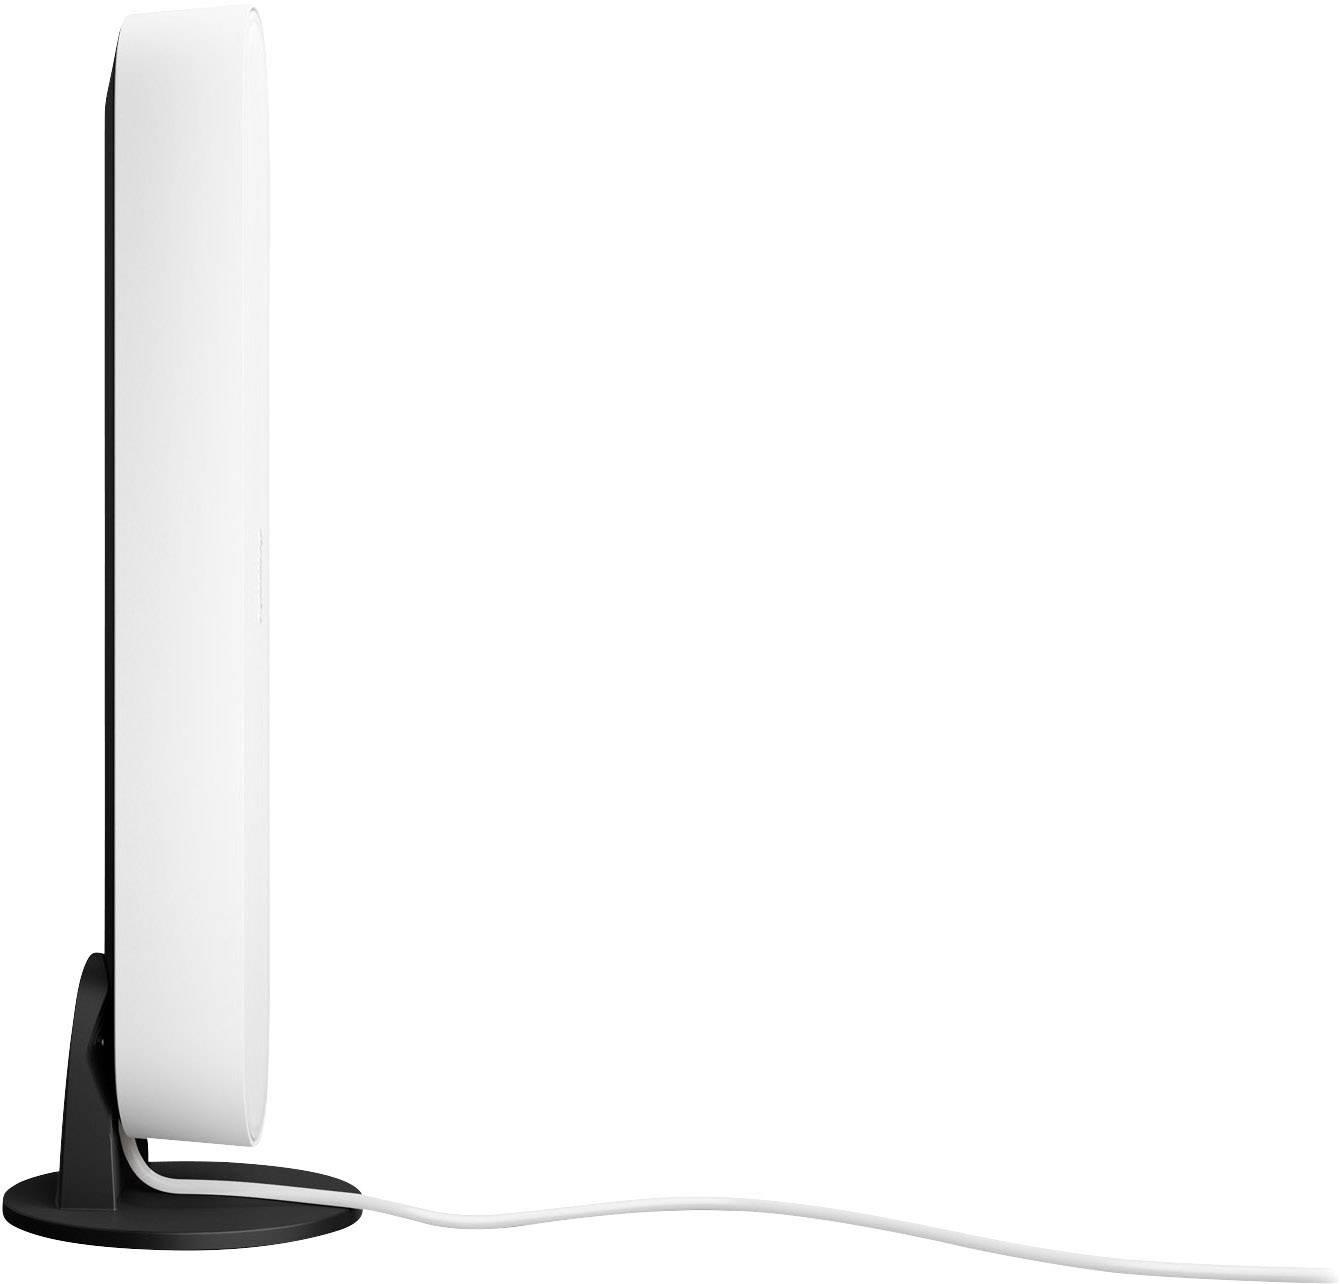 izdelek-philips-lighting-hue-led-lightbar-svetilka-razsiritev-play-2